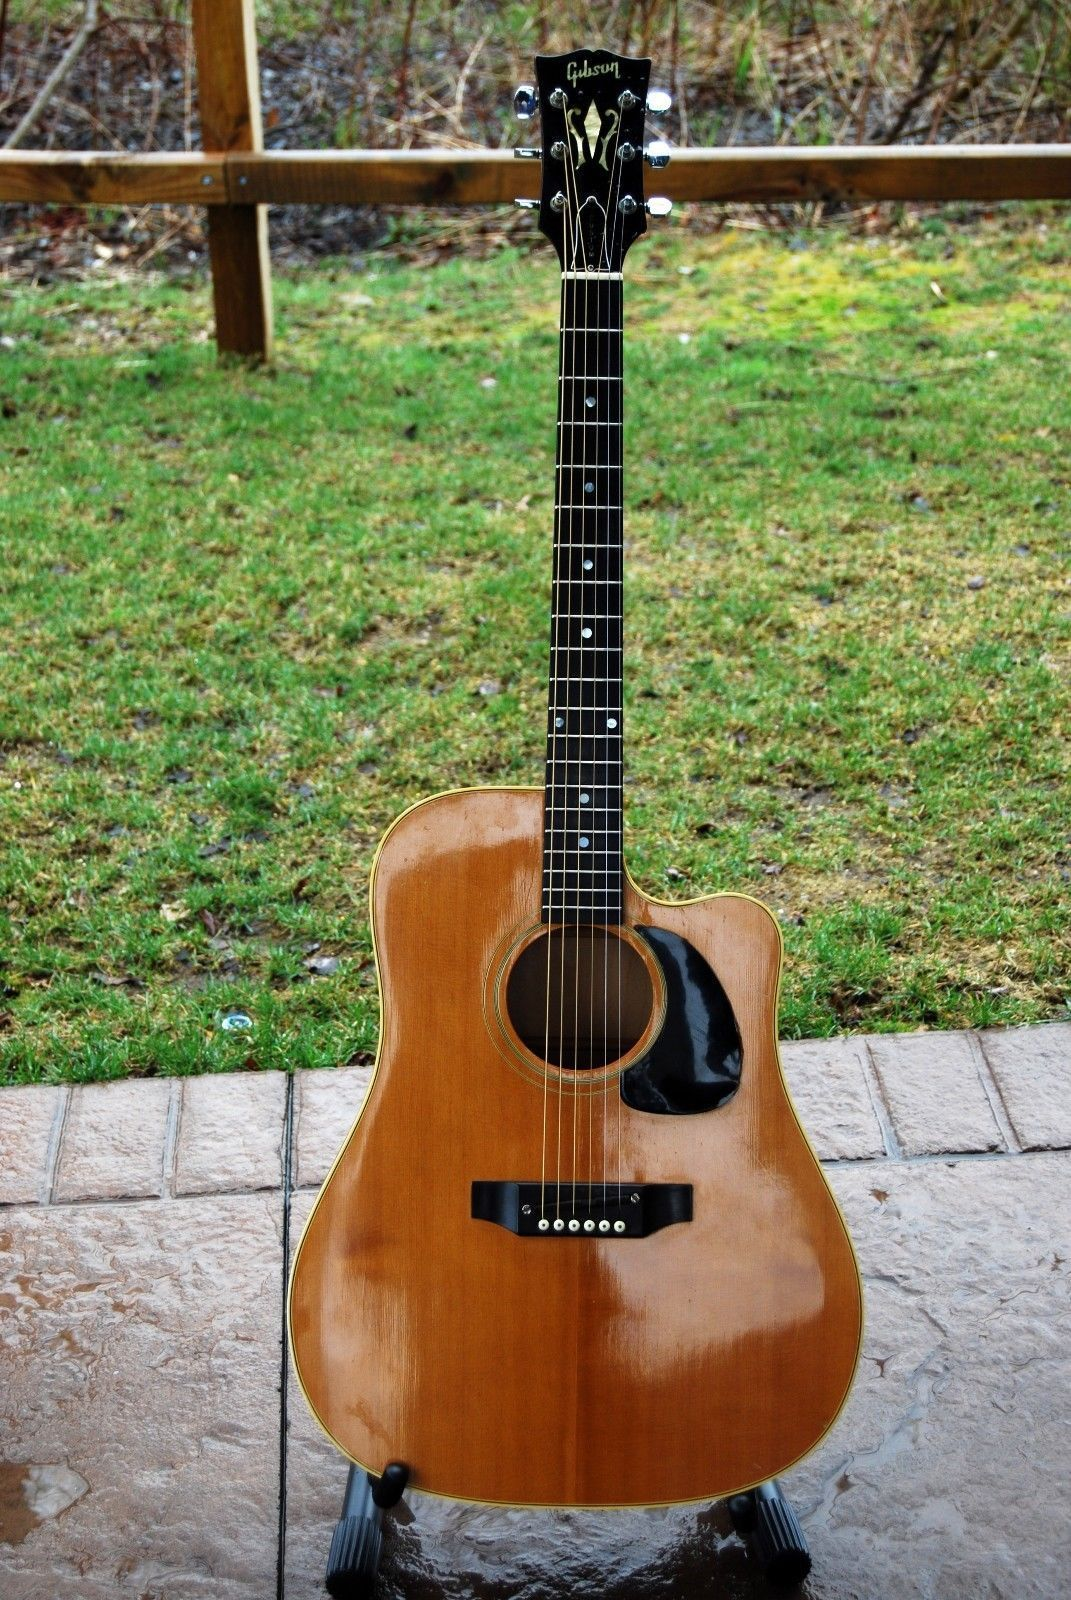 Guitar 1968 Gibson Heritage Acoustic Vintage With Cutaway Please Retweet